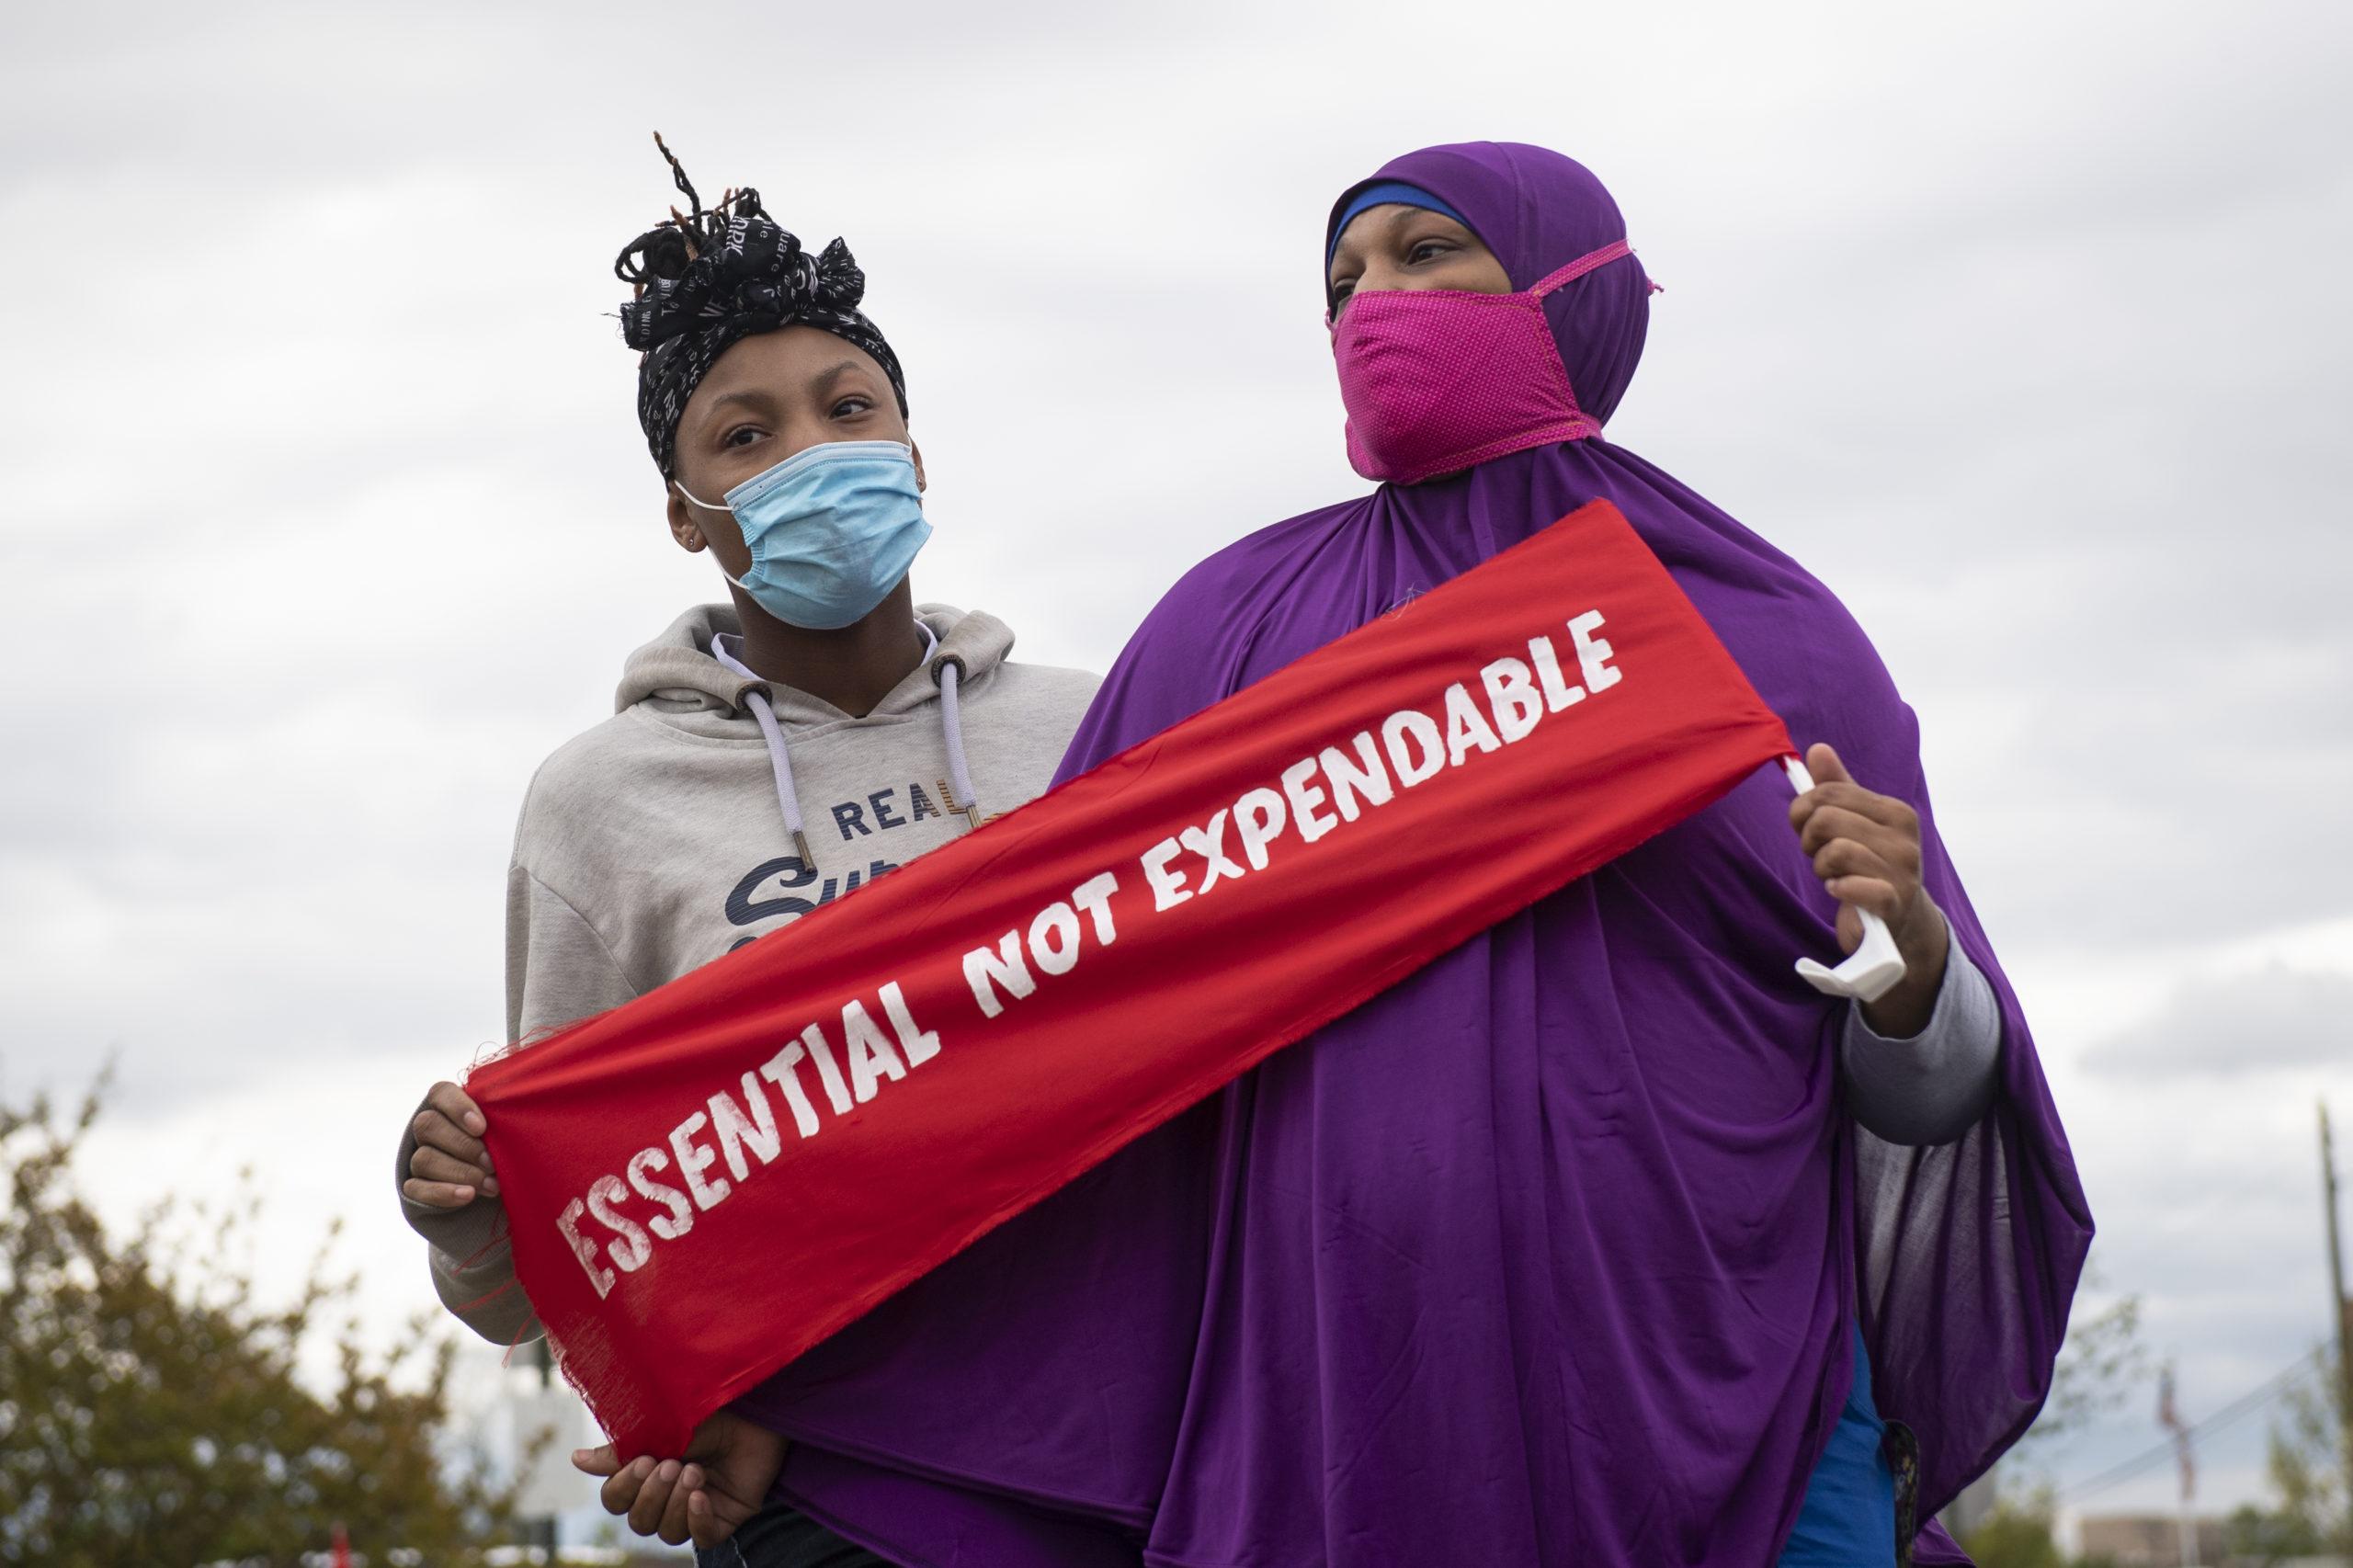 Activistas de Black Lives Matter DC, 1199SEIU y ShutDownDC sostienen un cartel mientras participan en una protesta para resaltar la difícil situación de los miembros vulnerables de la comunidad, incluidos trabajadores inmigrantes y personas en cárceles, prisiones y centros de detención de ICE expuestos al coronavirus el lunes 27 de abril. , 2020